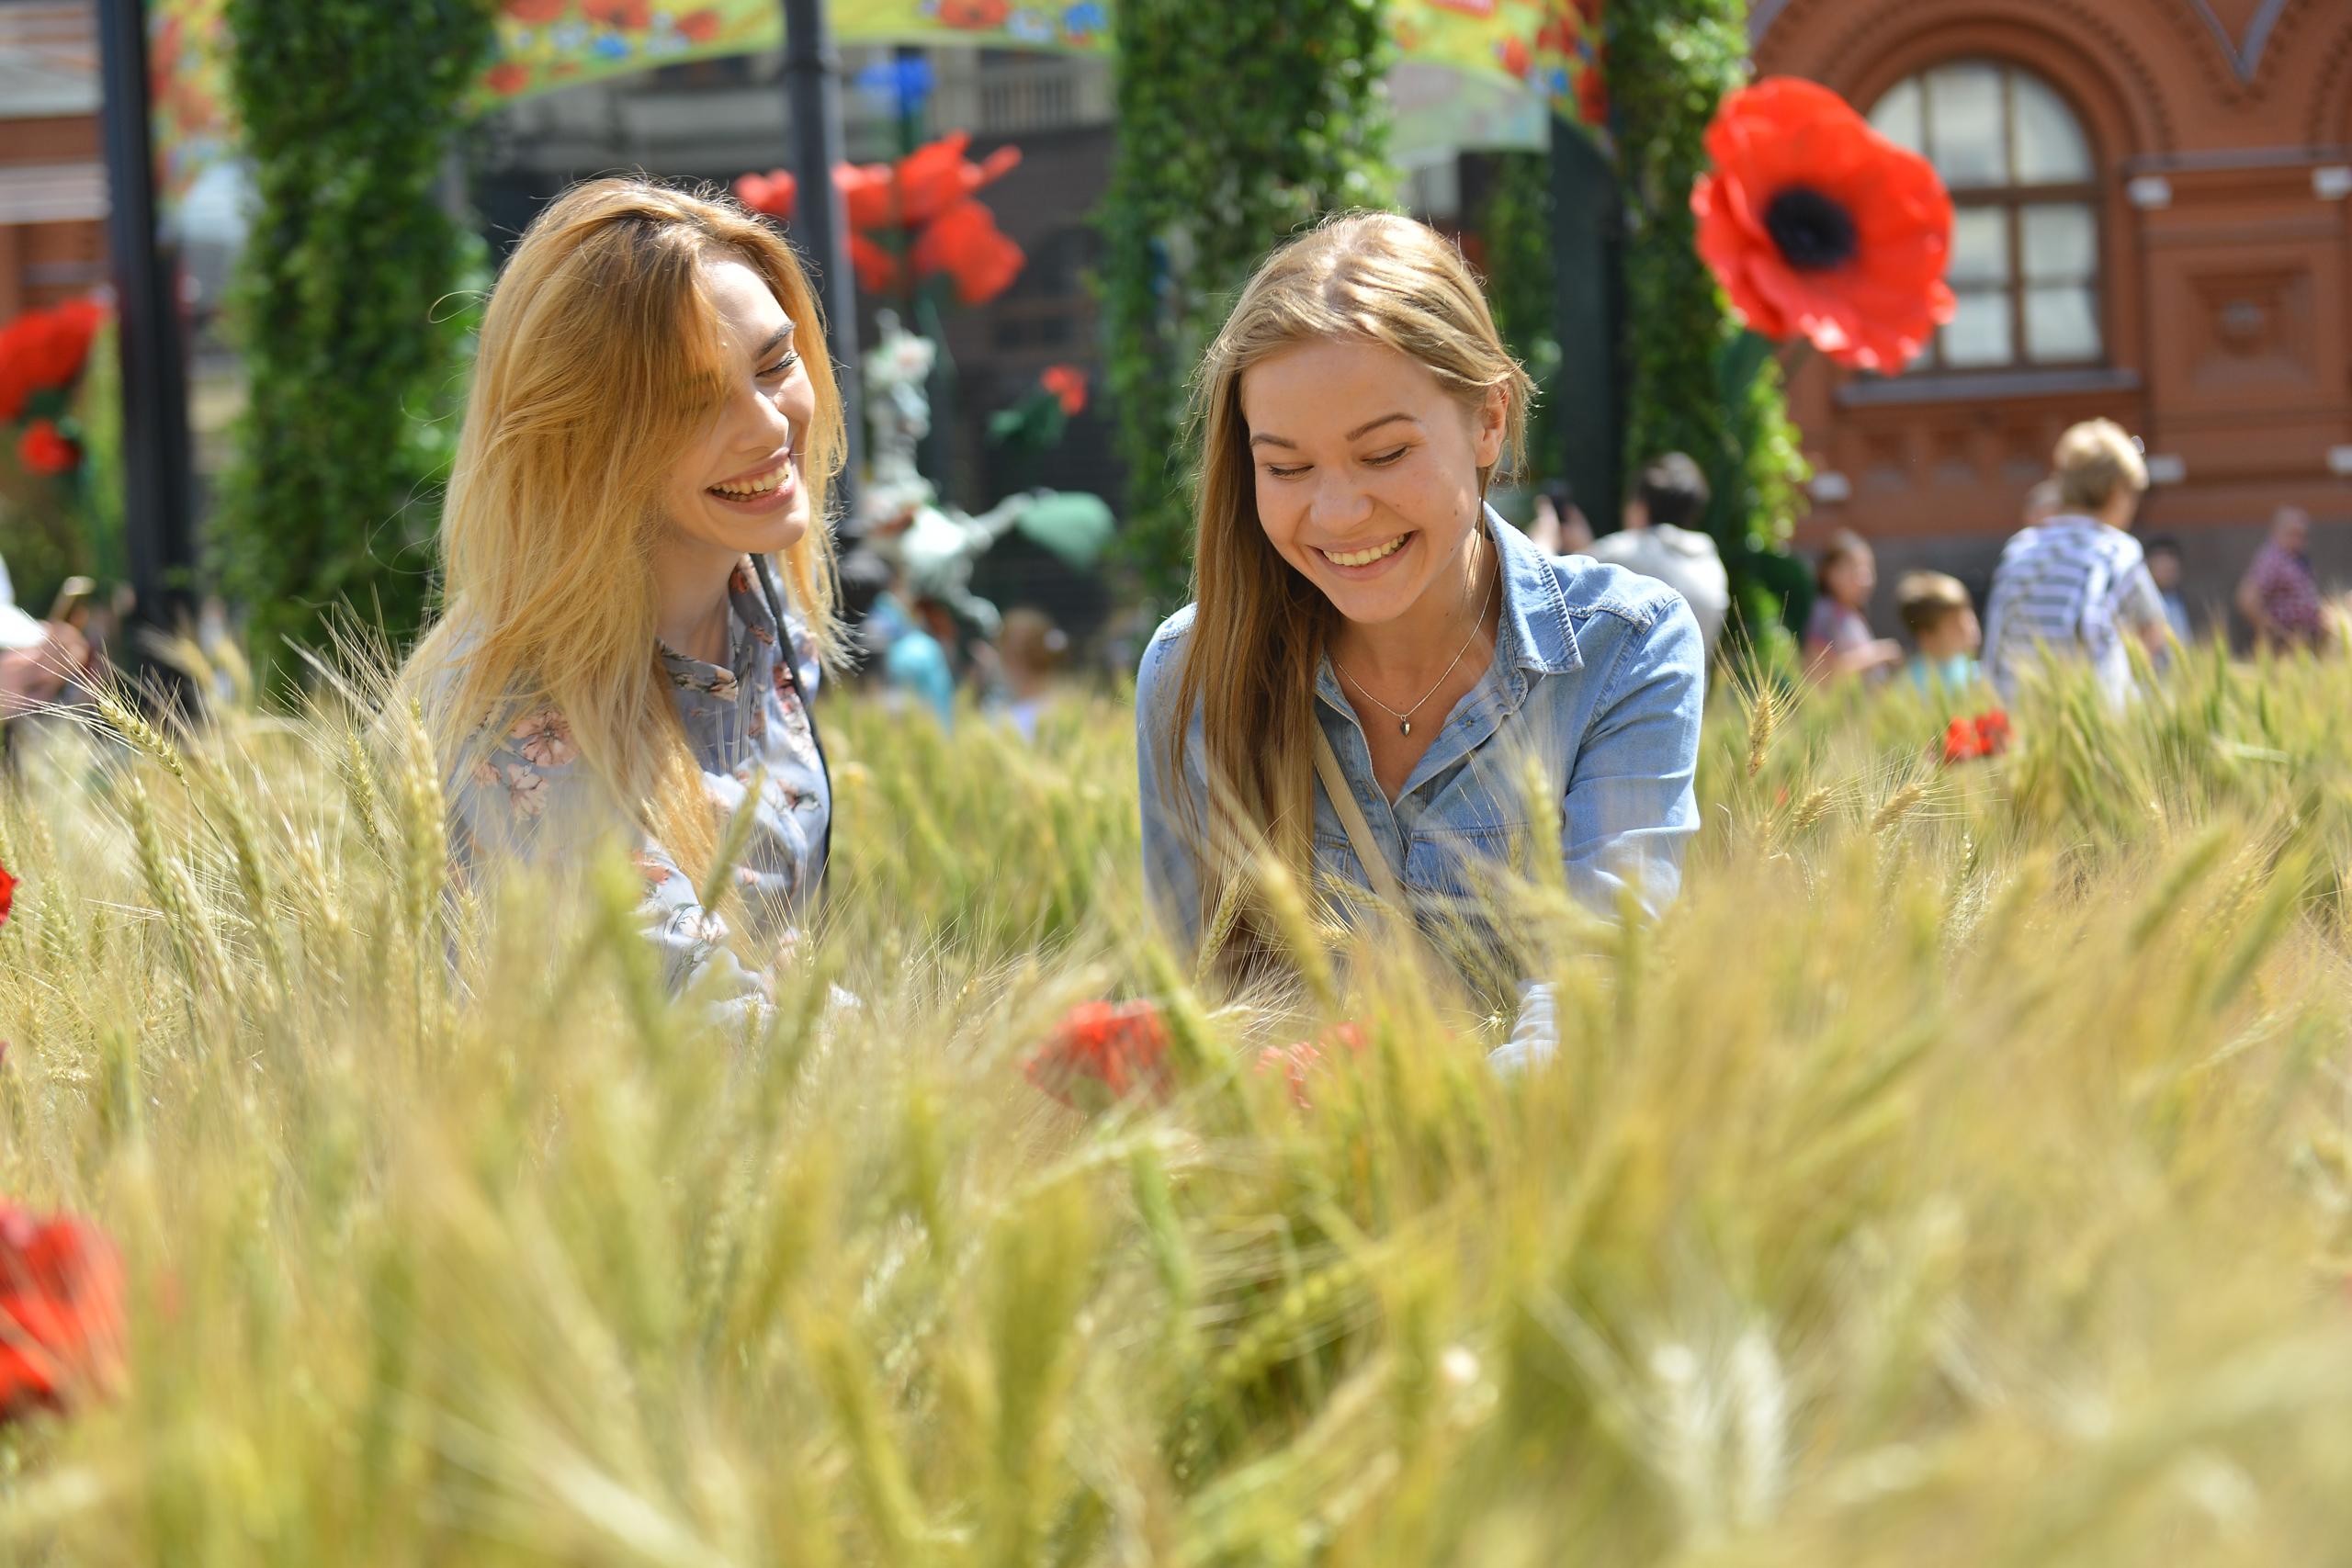 Жители столицы смогут оценить качество проведения фестиваля «Цветочный джем»